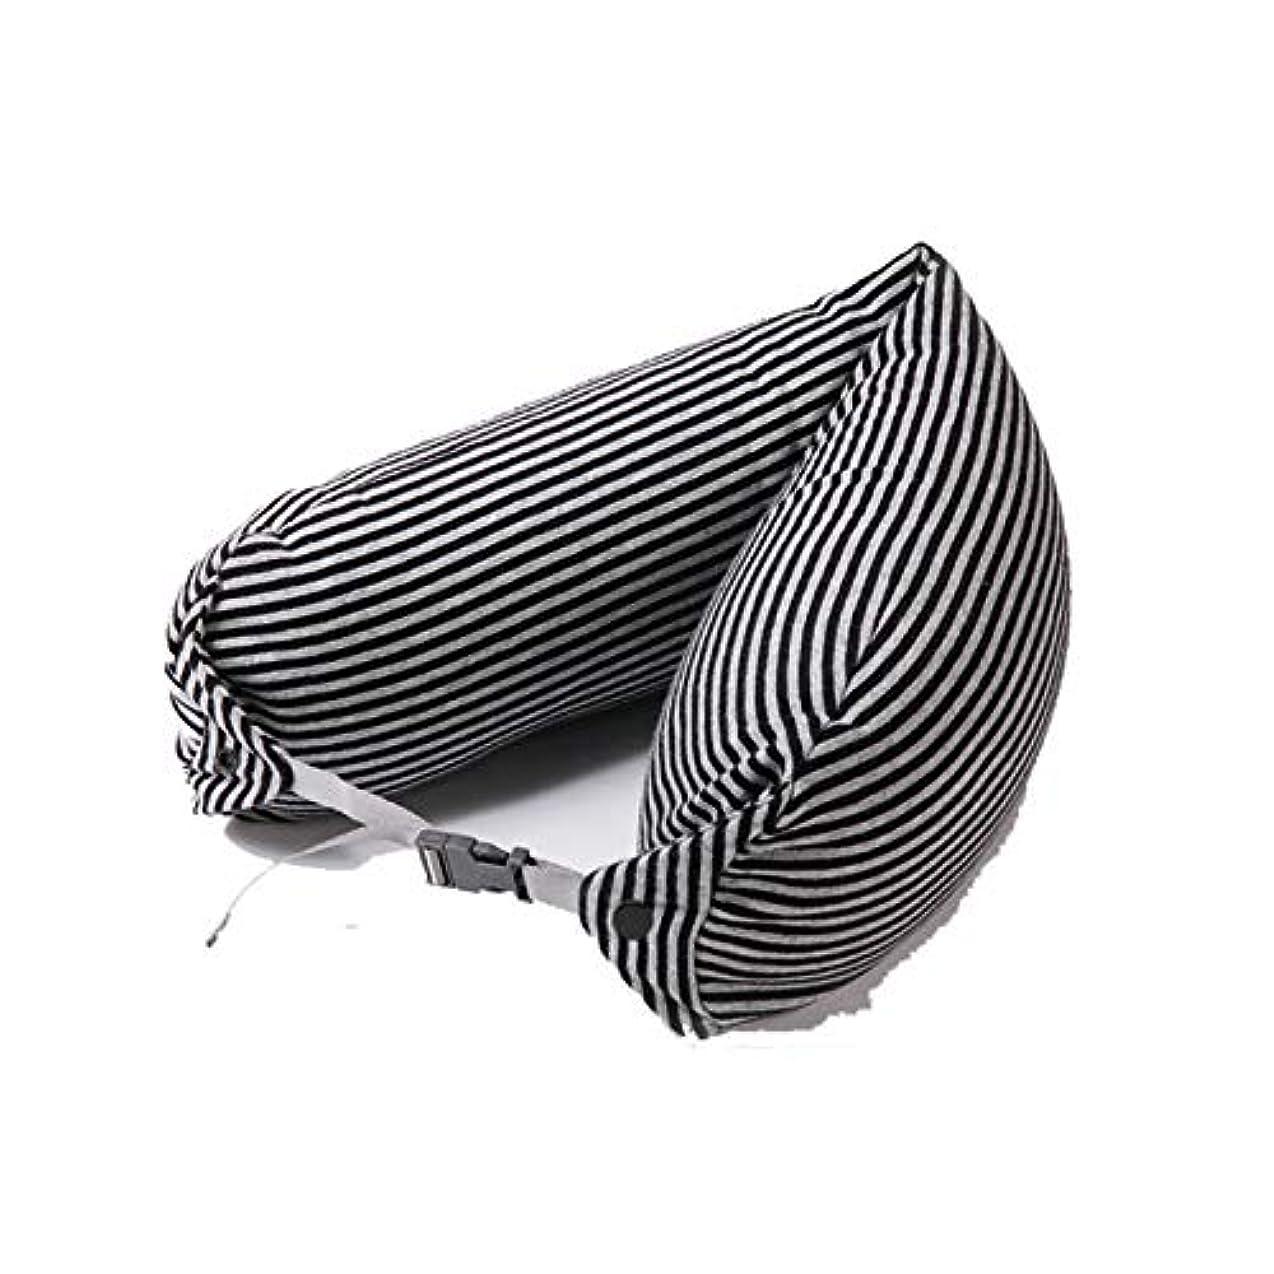 羨望虚弱ロボットSMART ホームオフィス背もたれ椅子腰椎クッションカーシートネック枕 3D 低反発サポートバックマッサージウエストレスリビング枕 クッション 椅子